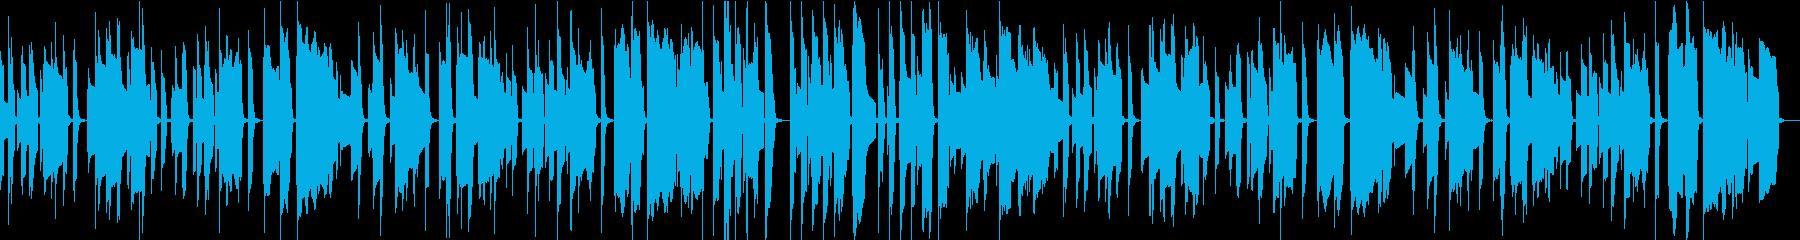 爽快、明るく可愛らしく弾むエレピ曲です。の再生済みの波形